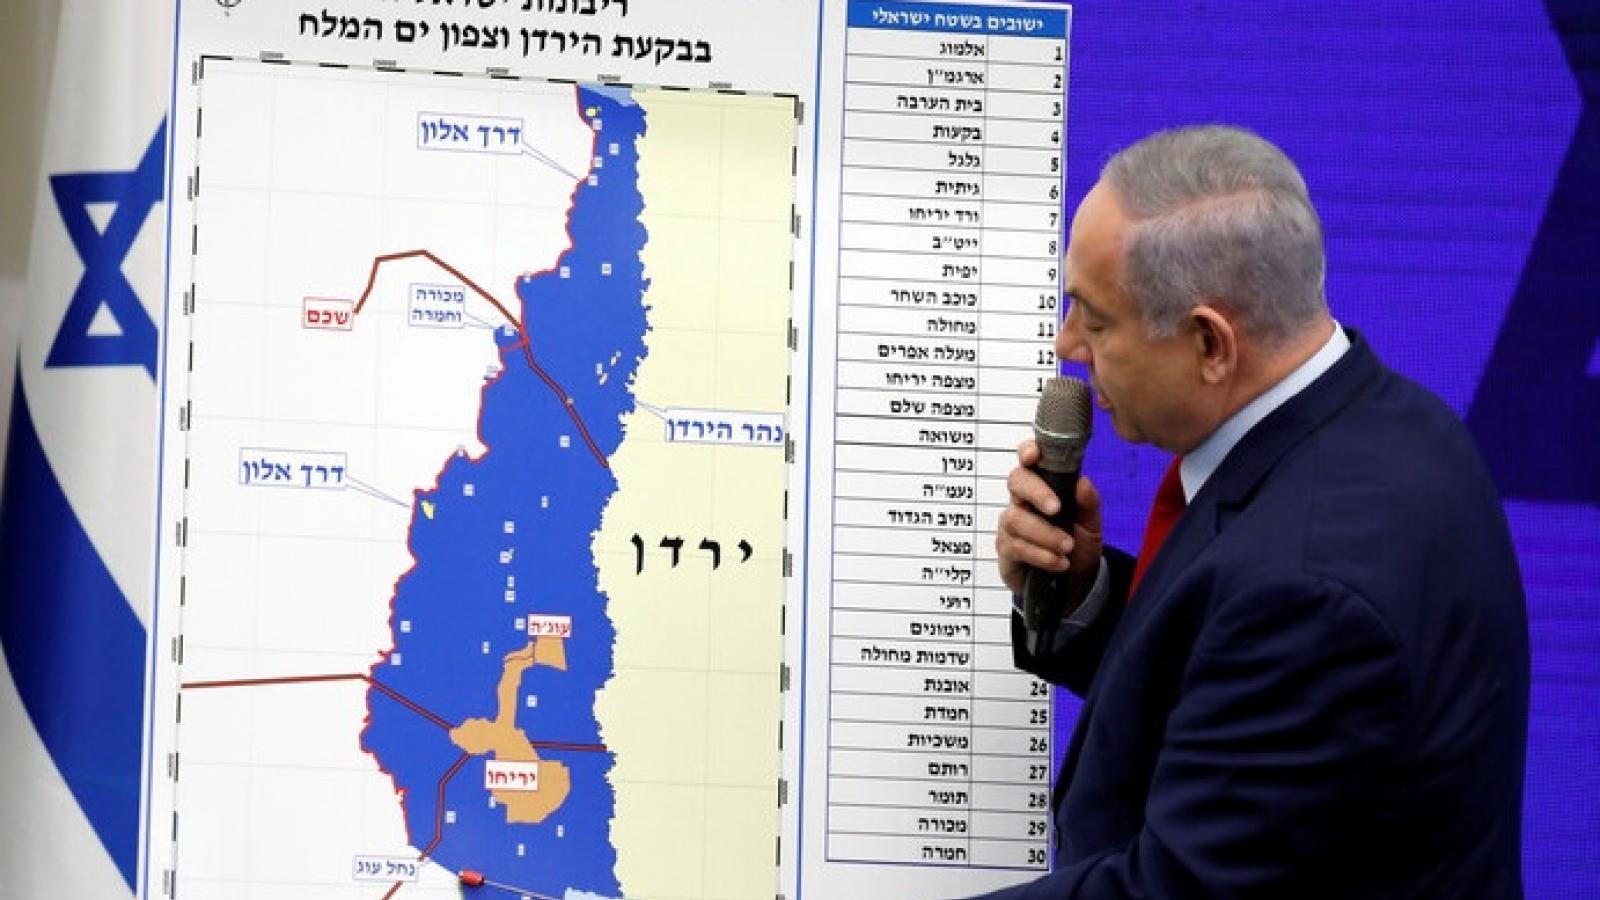 Kế hoạch Israel sáp nhập Bờ Tây không bao gồm thung lũng Jordan